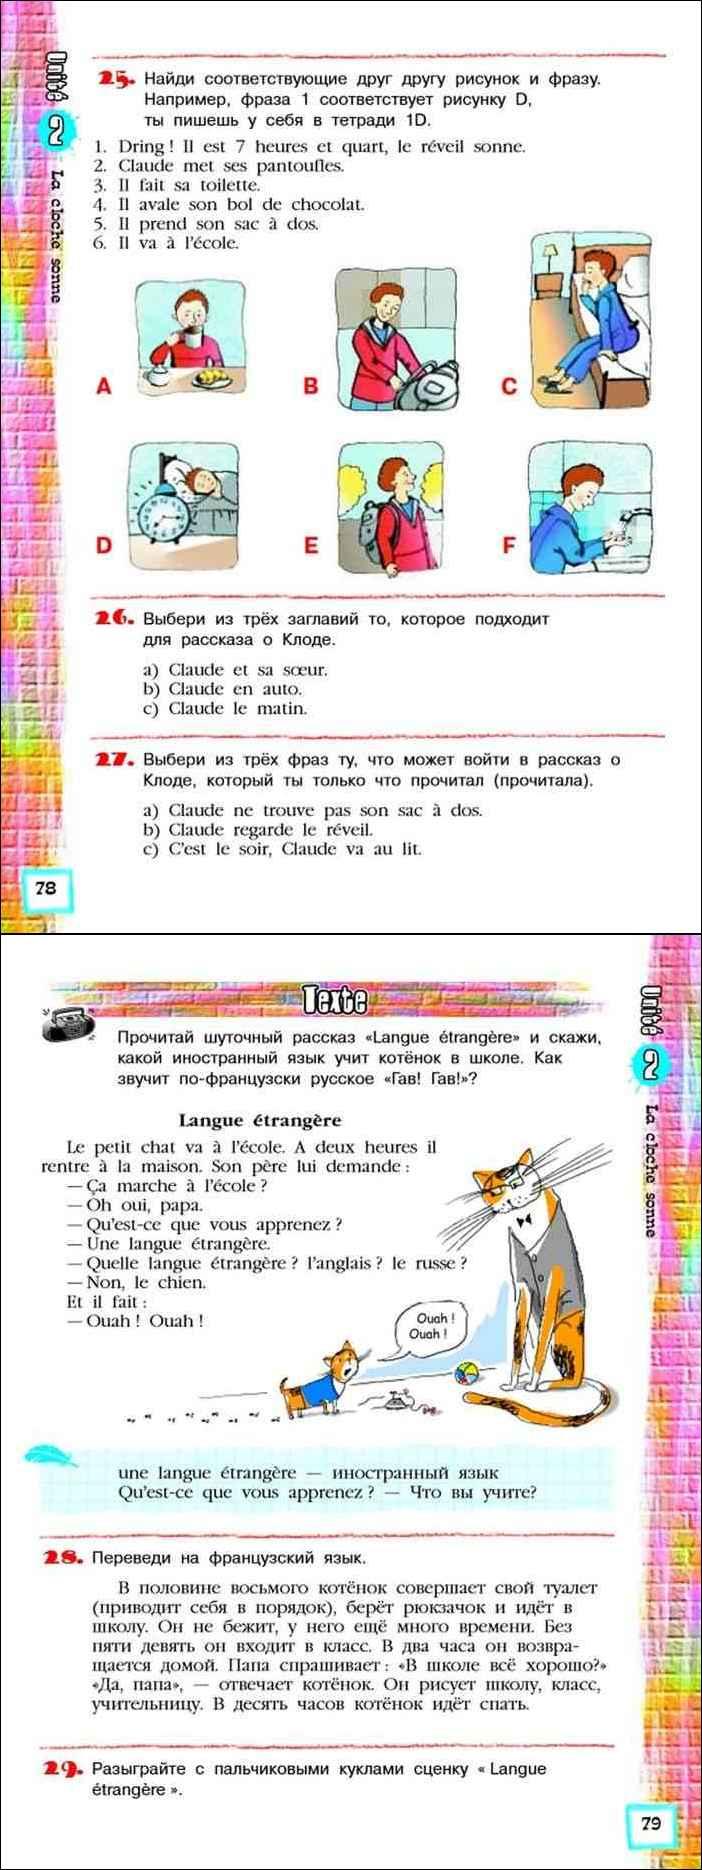 учебник французский язык 5 класс береговская часть 1 читать